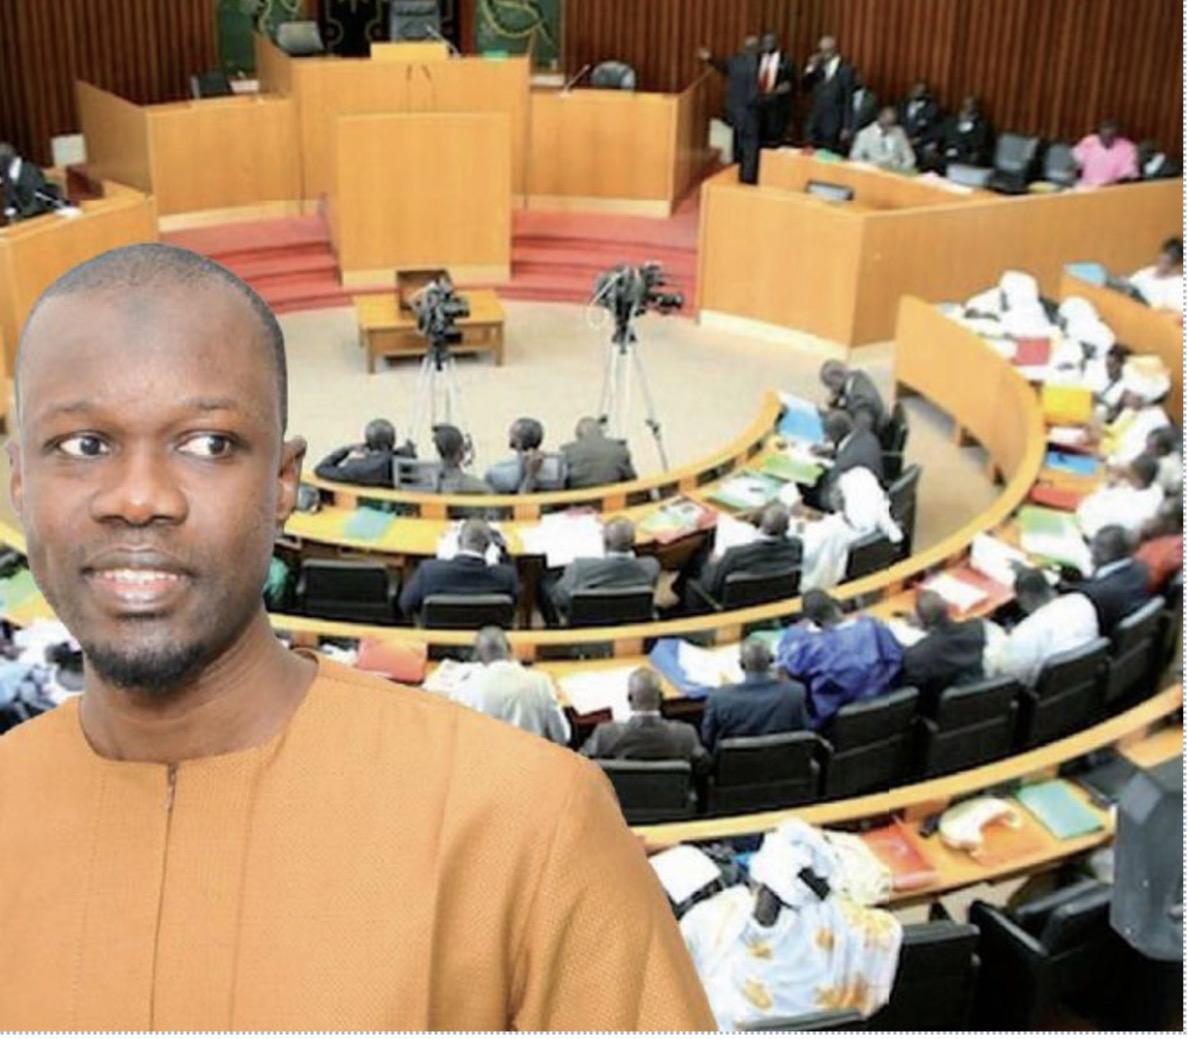 Procédure de levée de l'immunité parlementaire de Ousmane Sonko: La liste des membres de la commission Ad hoc.